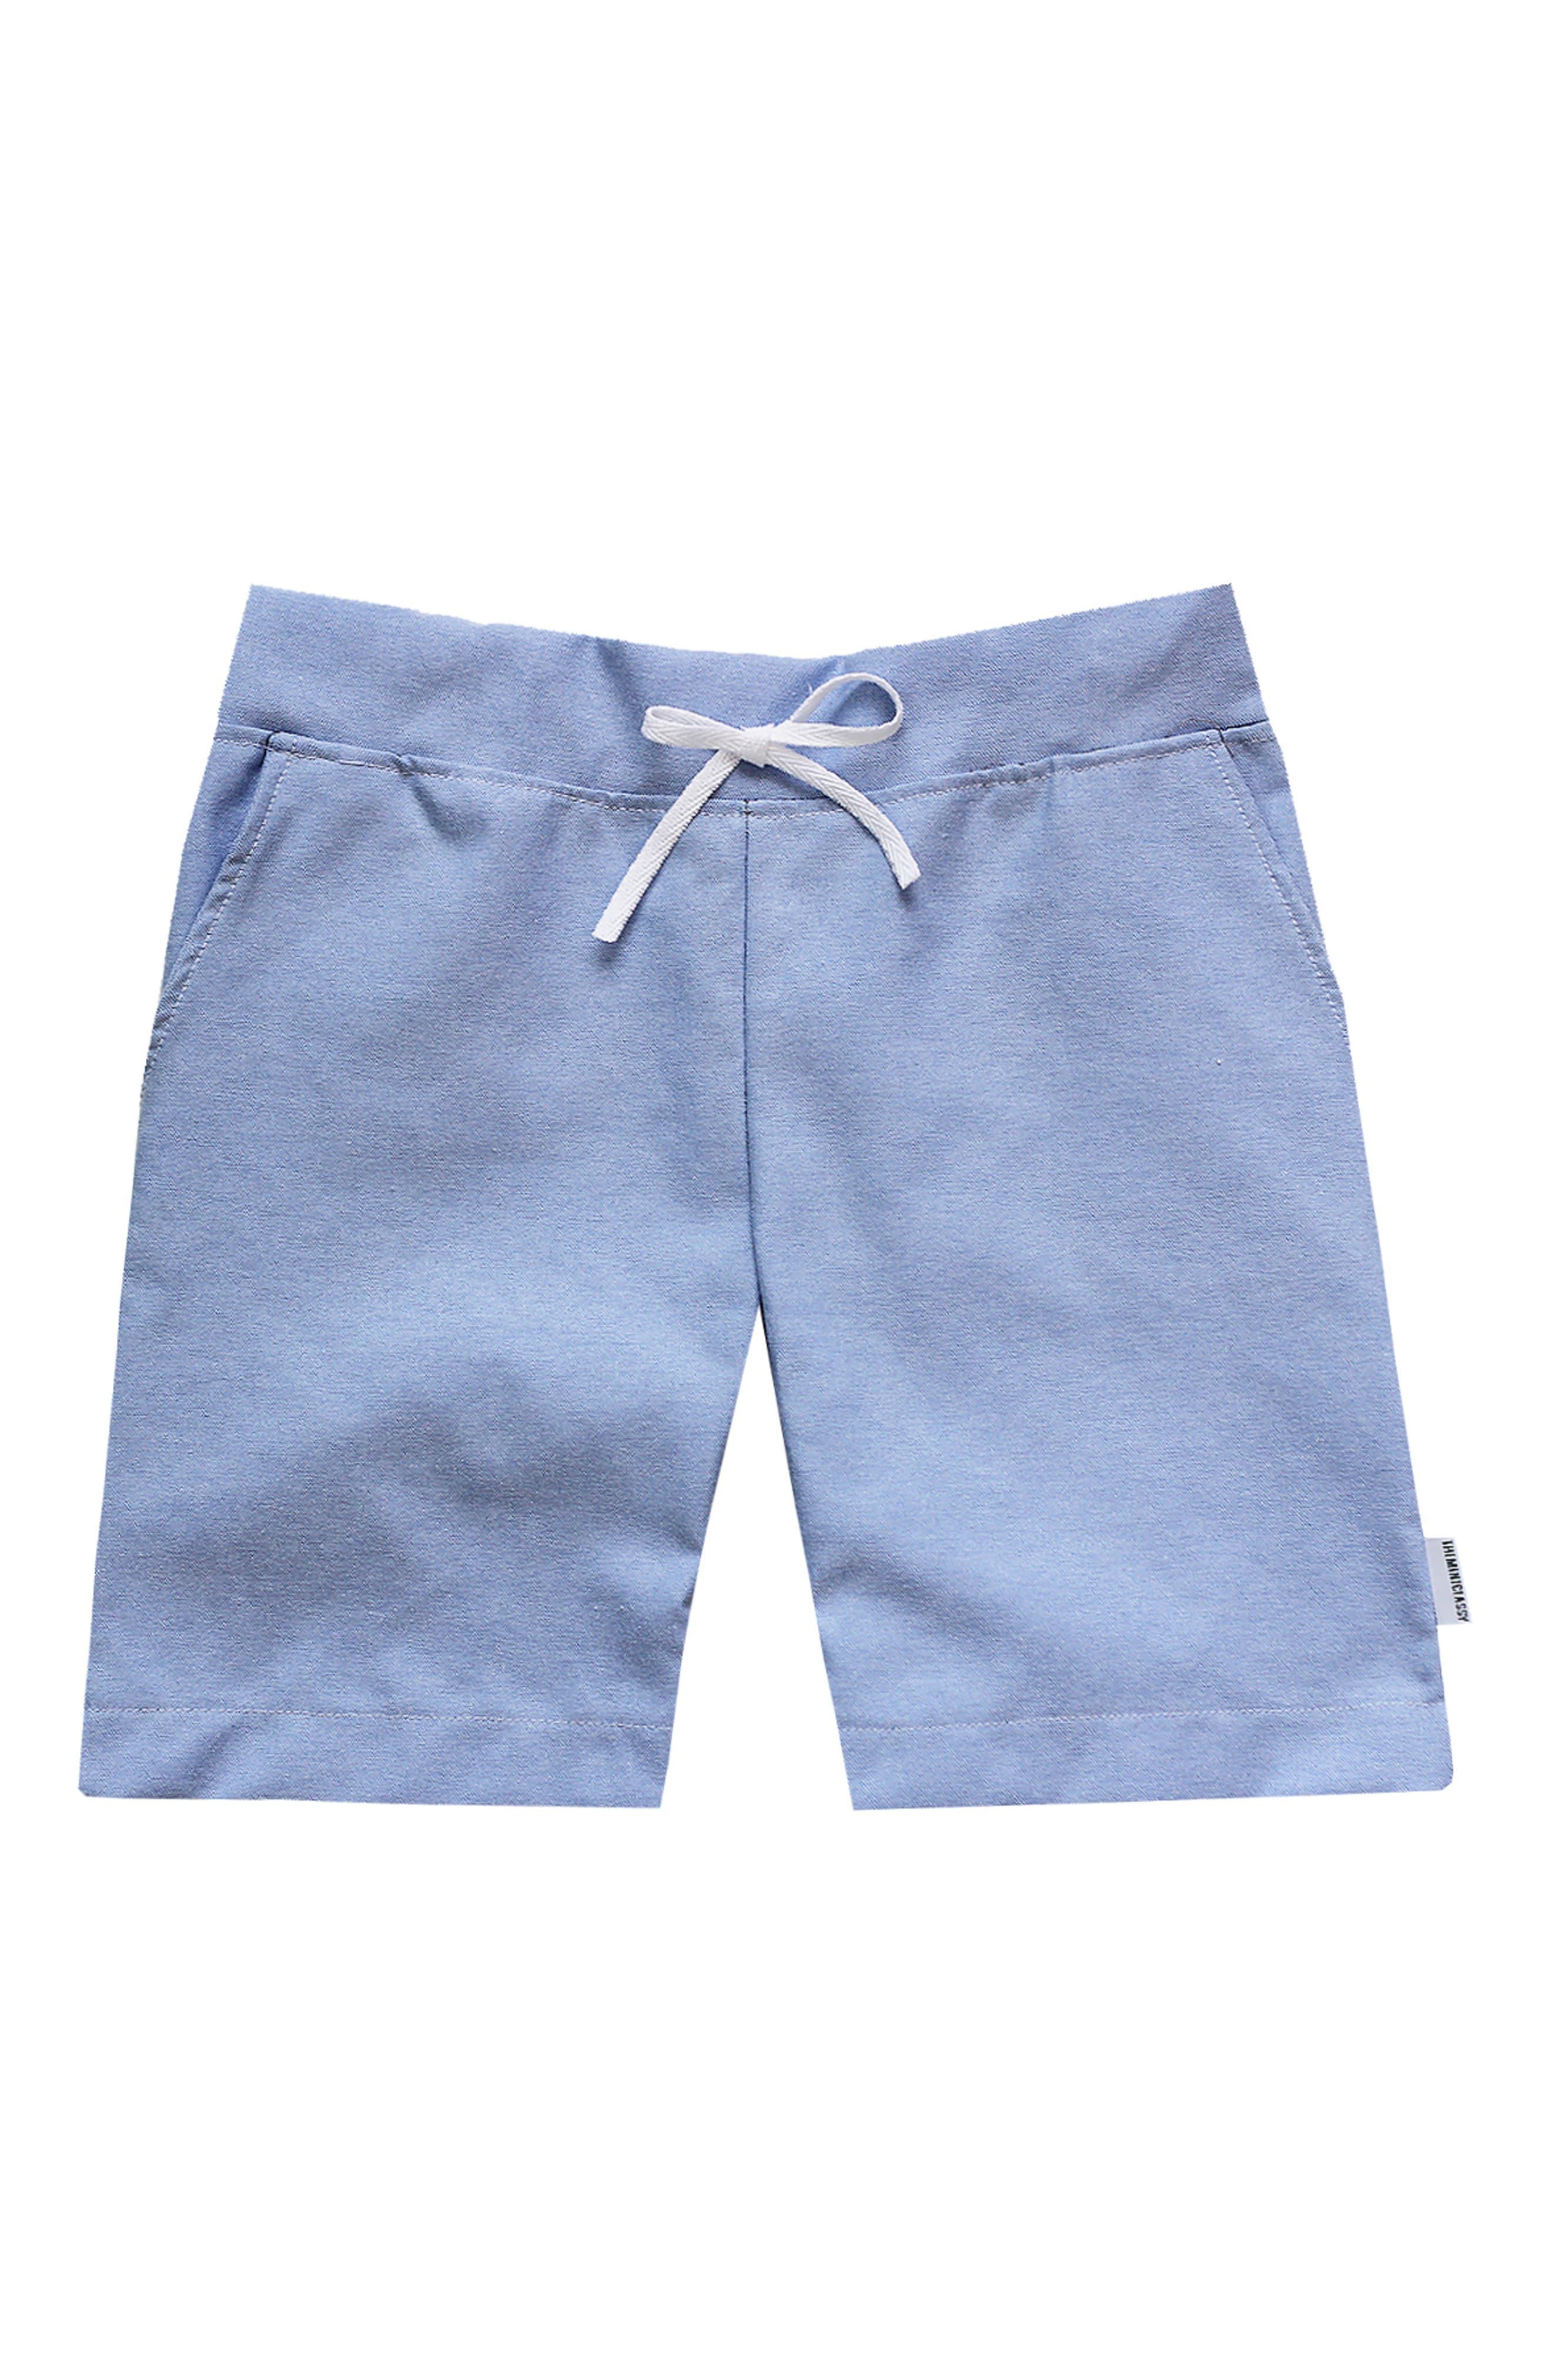 Chambray Drawstring Shorts,                             Main thumbnail 1, color,                             450